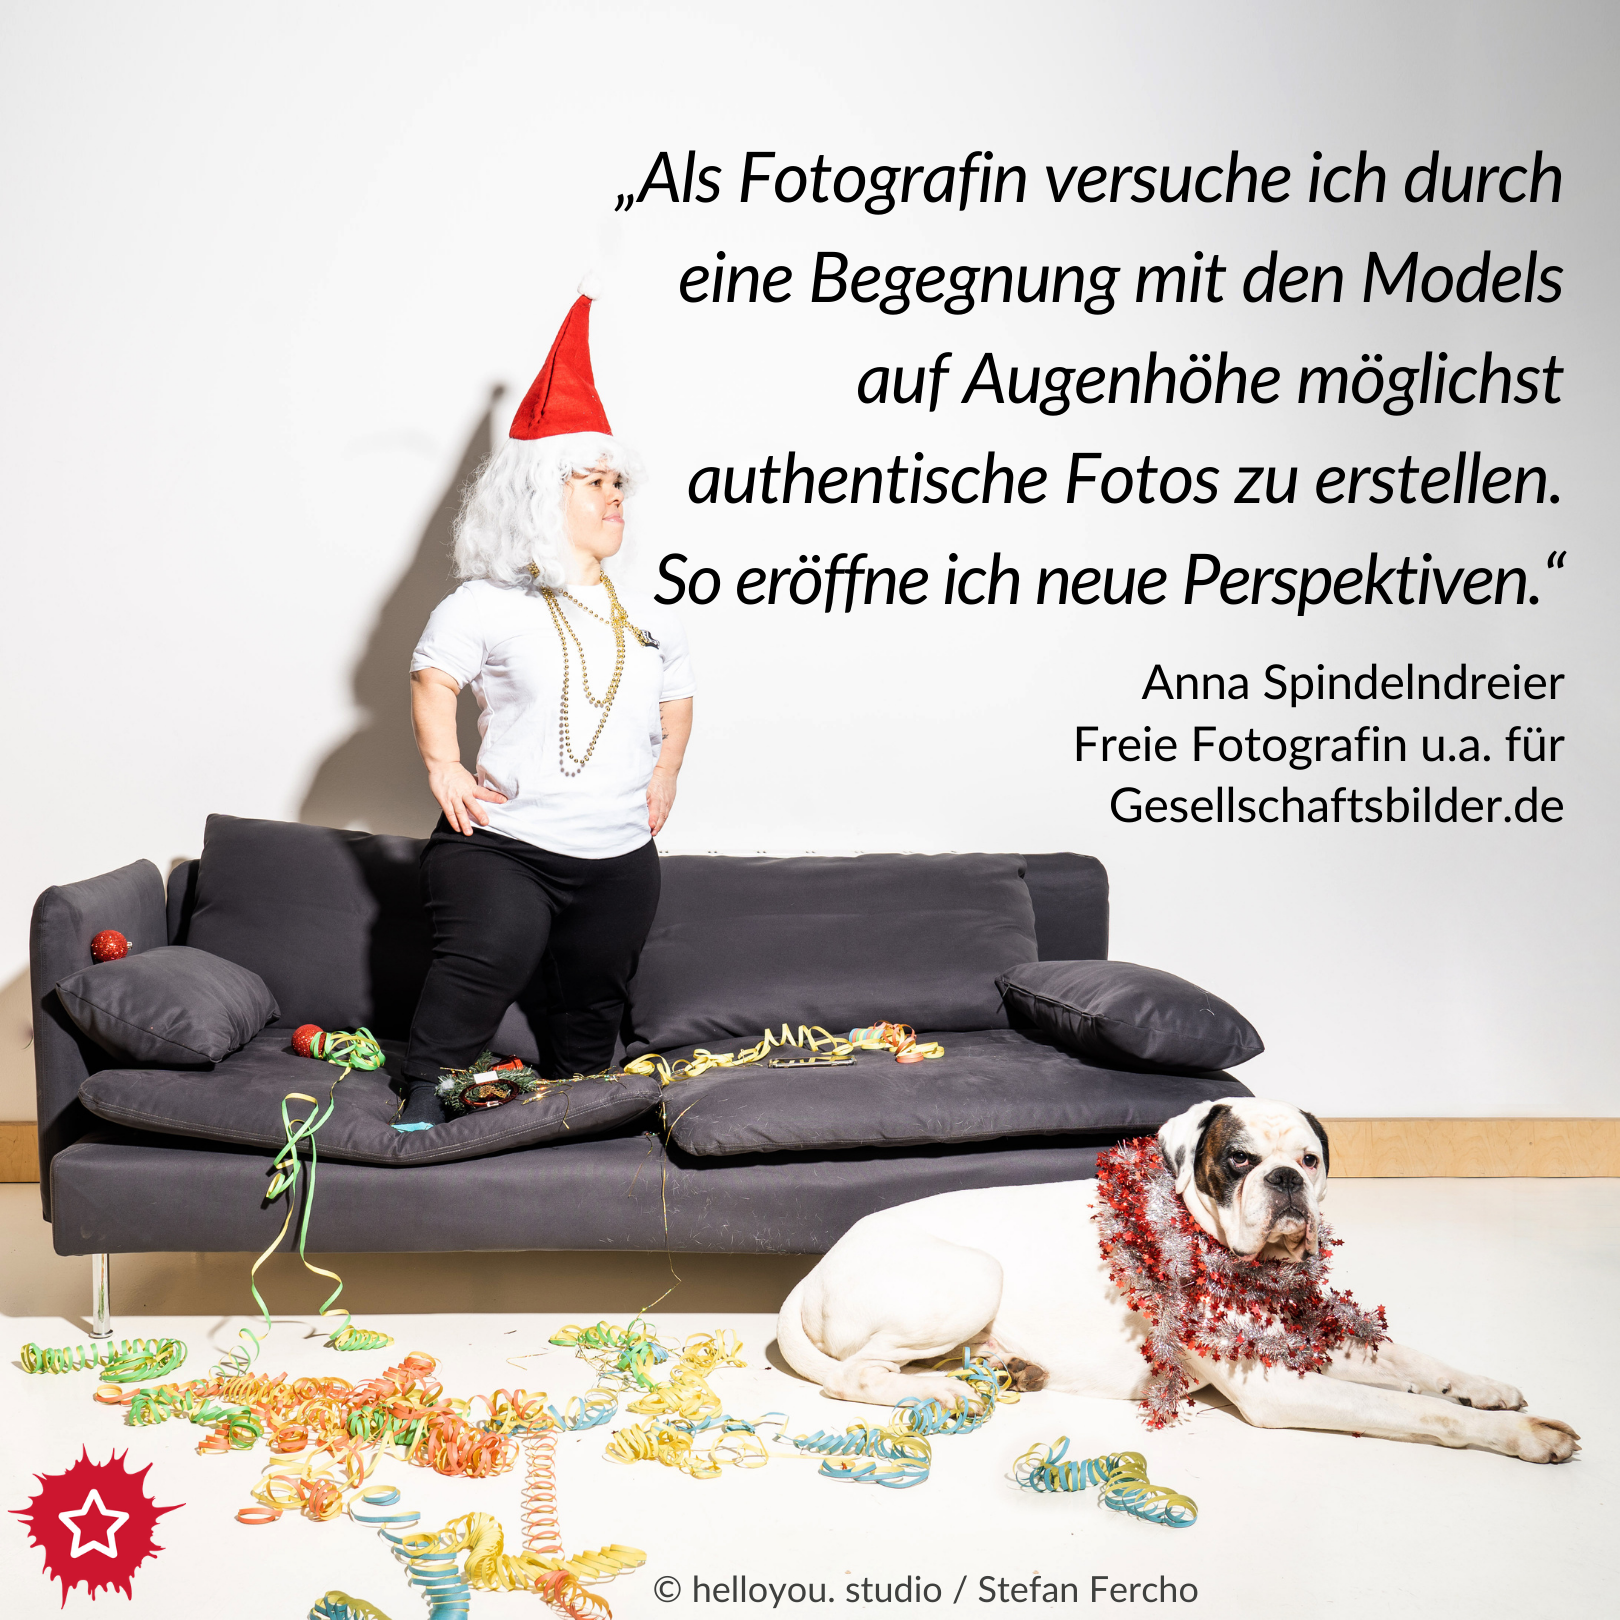 """Foto von Anna Spindelndreier. Sie steht auf einem grauen Sofa und trägt eine rote Weihnachtsmütze. Vor dem Sofa sitzt ein großer weißer Hund. Überall liegen Luftschlangen. Daneben der Text """"Als Fotografin versuche ich durch eine Begegnung mit den Models auf Augenhöhe möglichst authentische Fotos zu erstellen. So eröffne ich neue Perspektiven."""""""